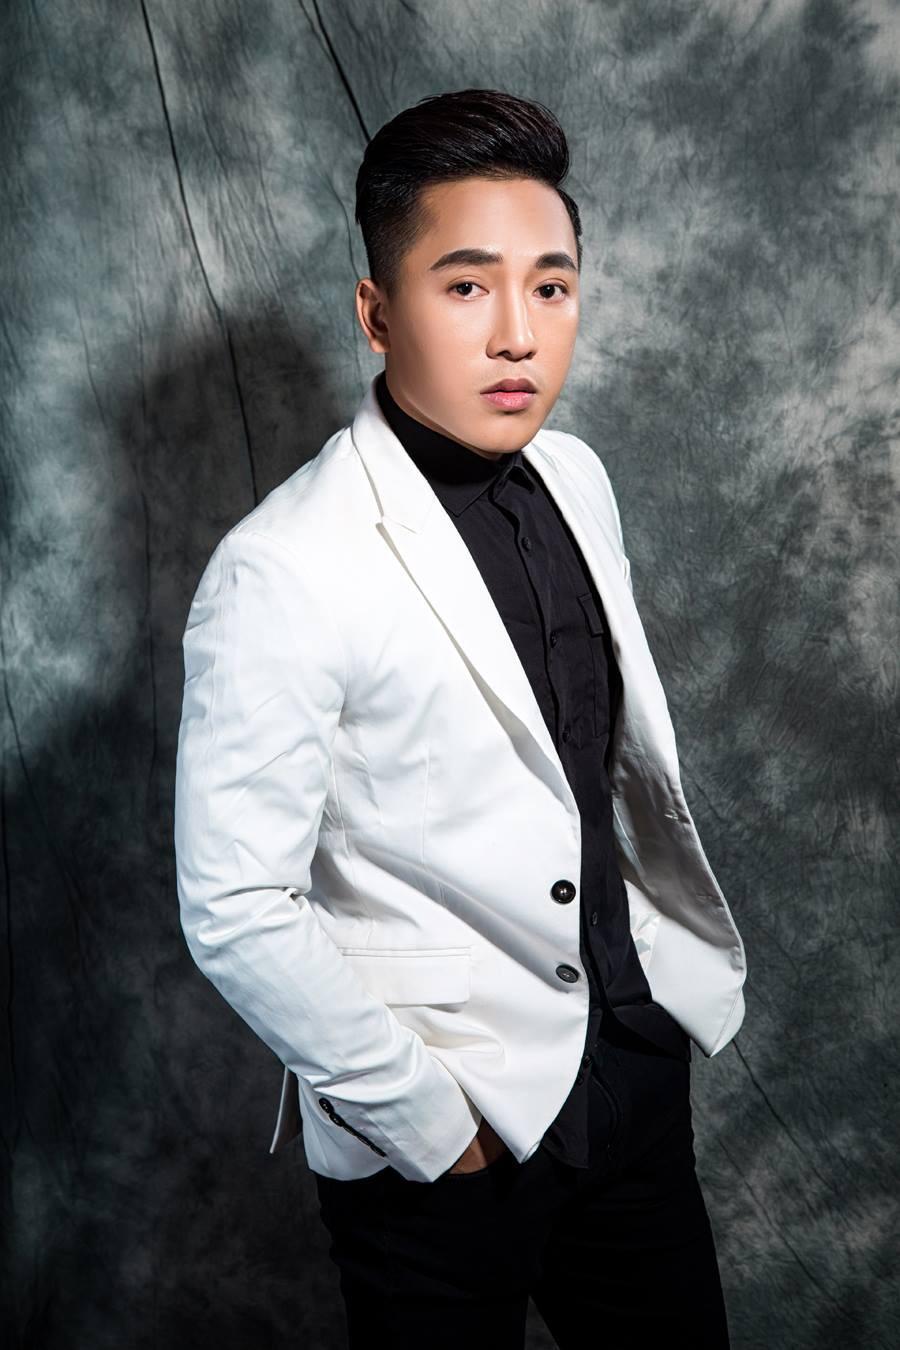 Những giọng ca Vpop từng méo mặt vì bị đồng nghiệp tố hát hit mà không xin phép